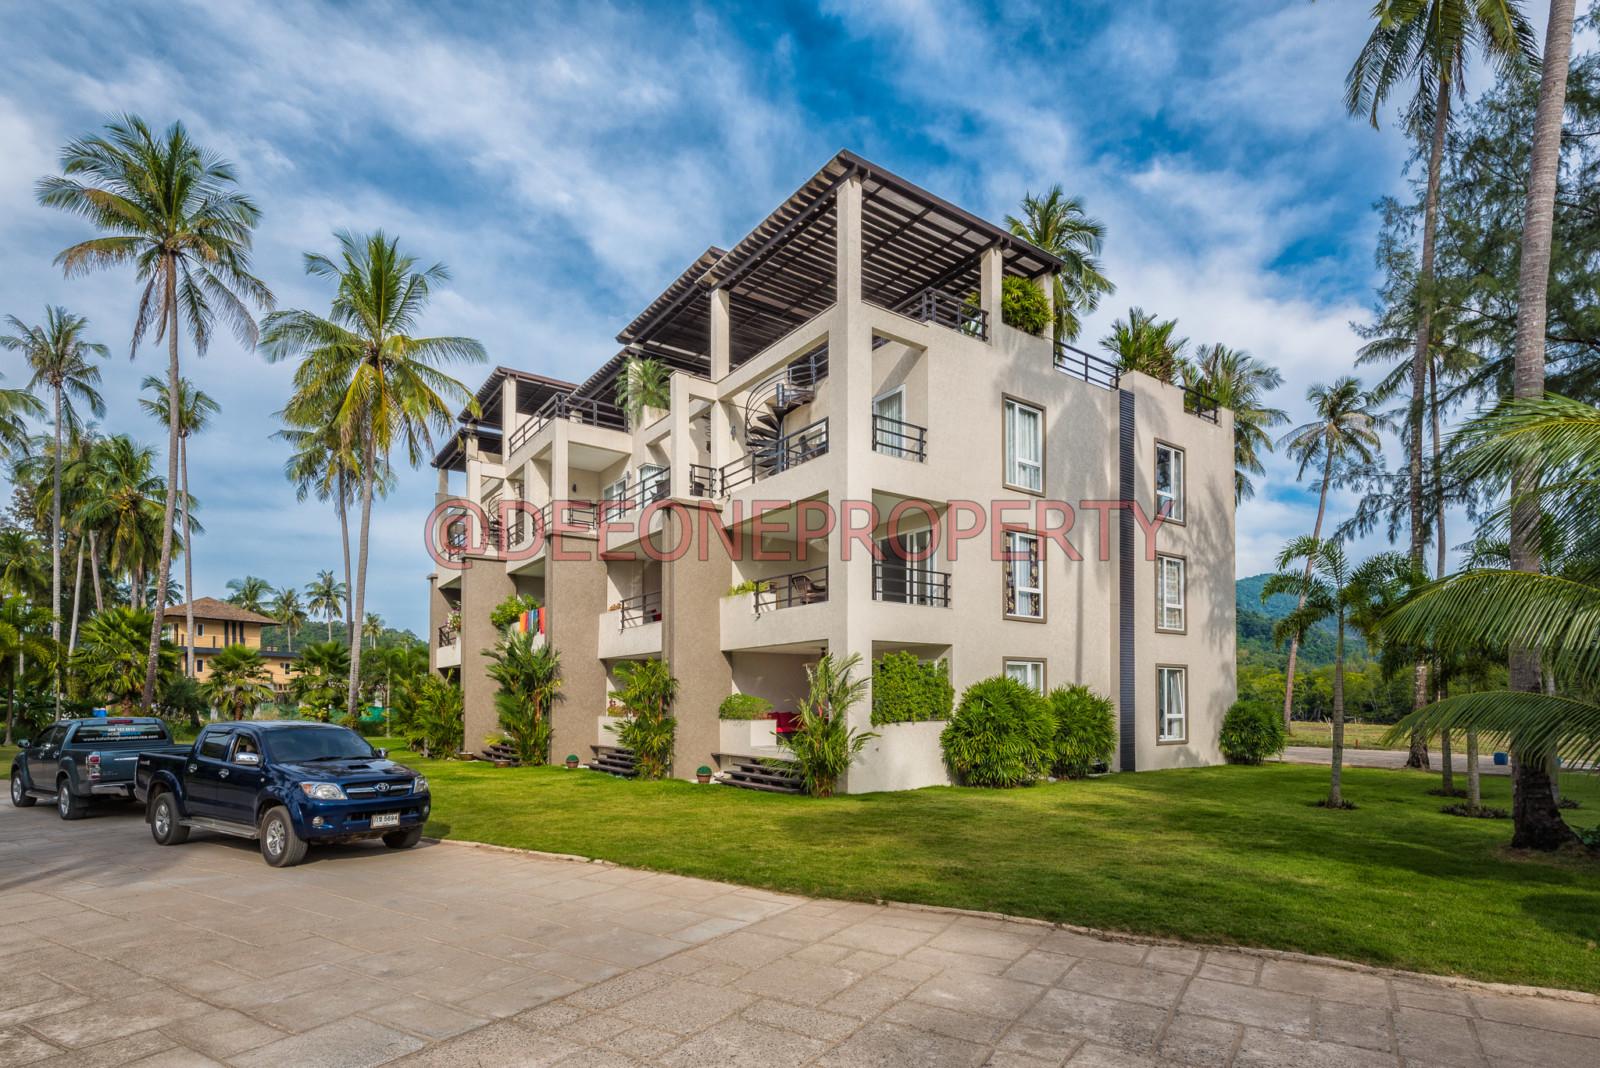 一房公寓連永久地契出售 -喀隆桑 (Klong Son), 象島 (Koh Chang)